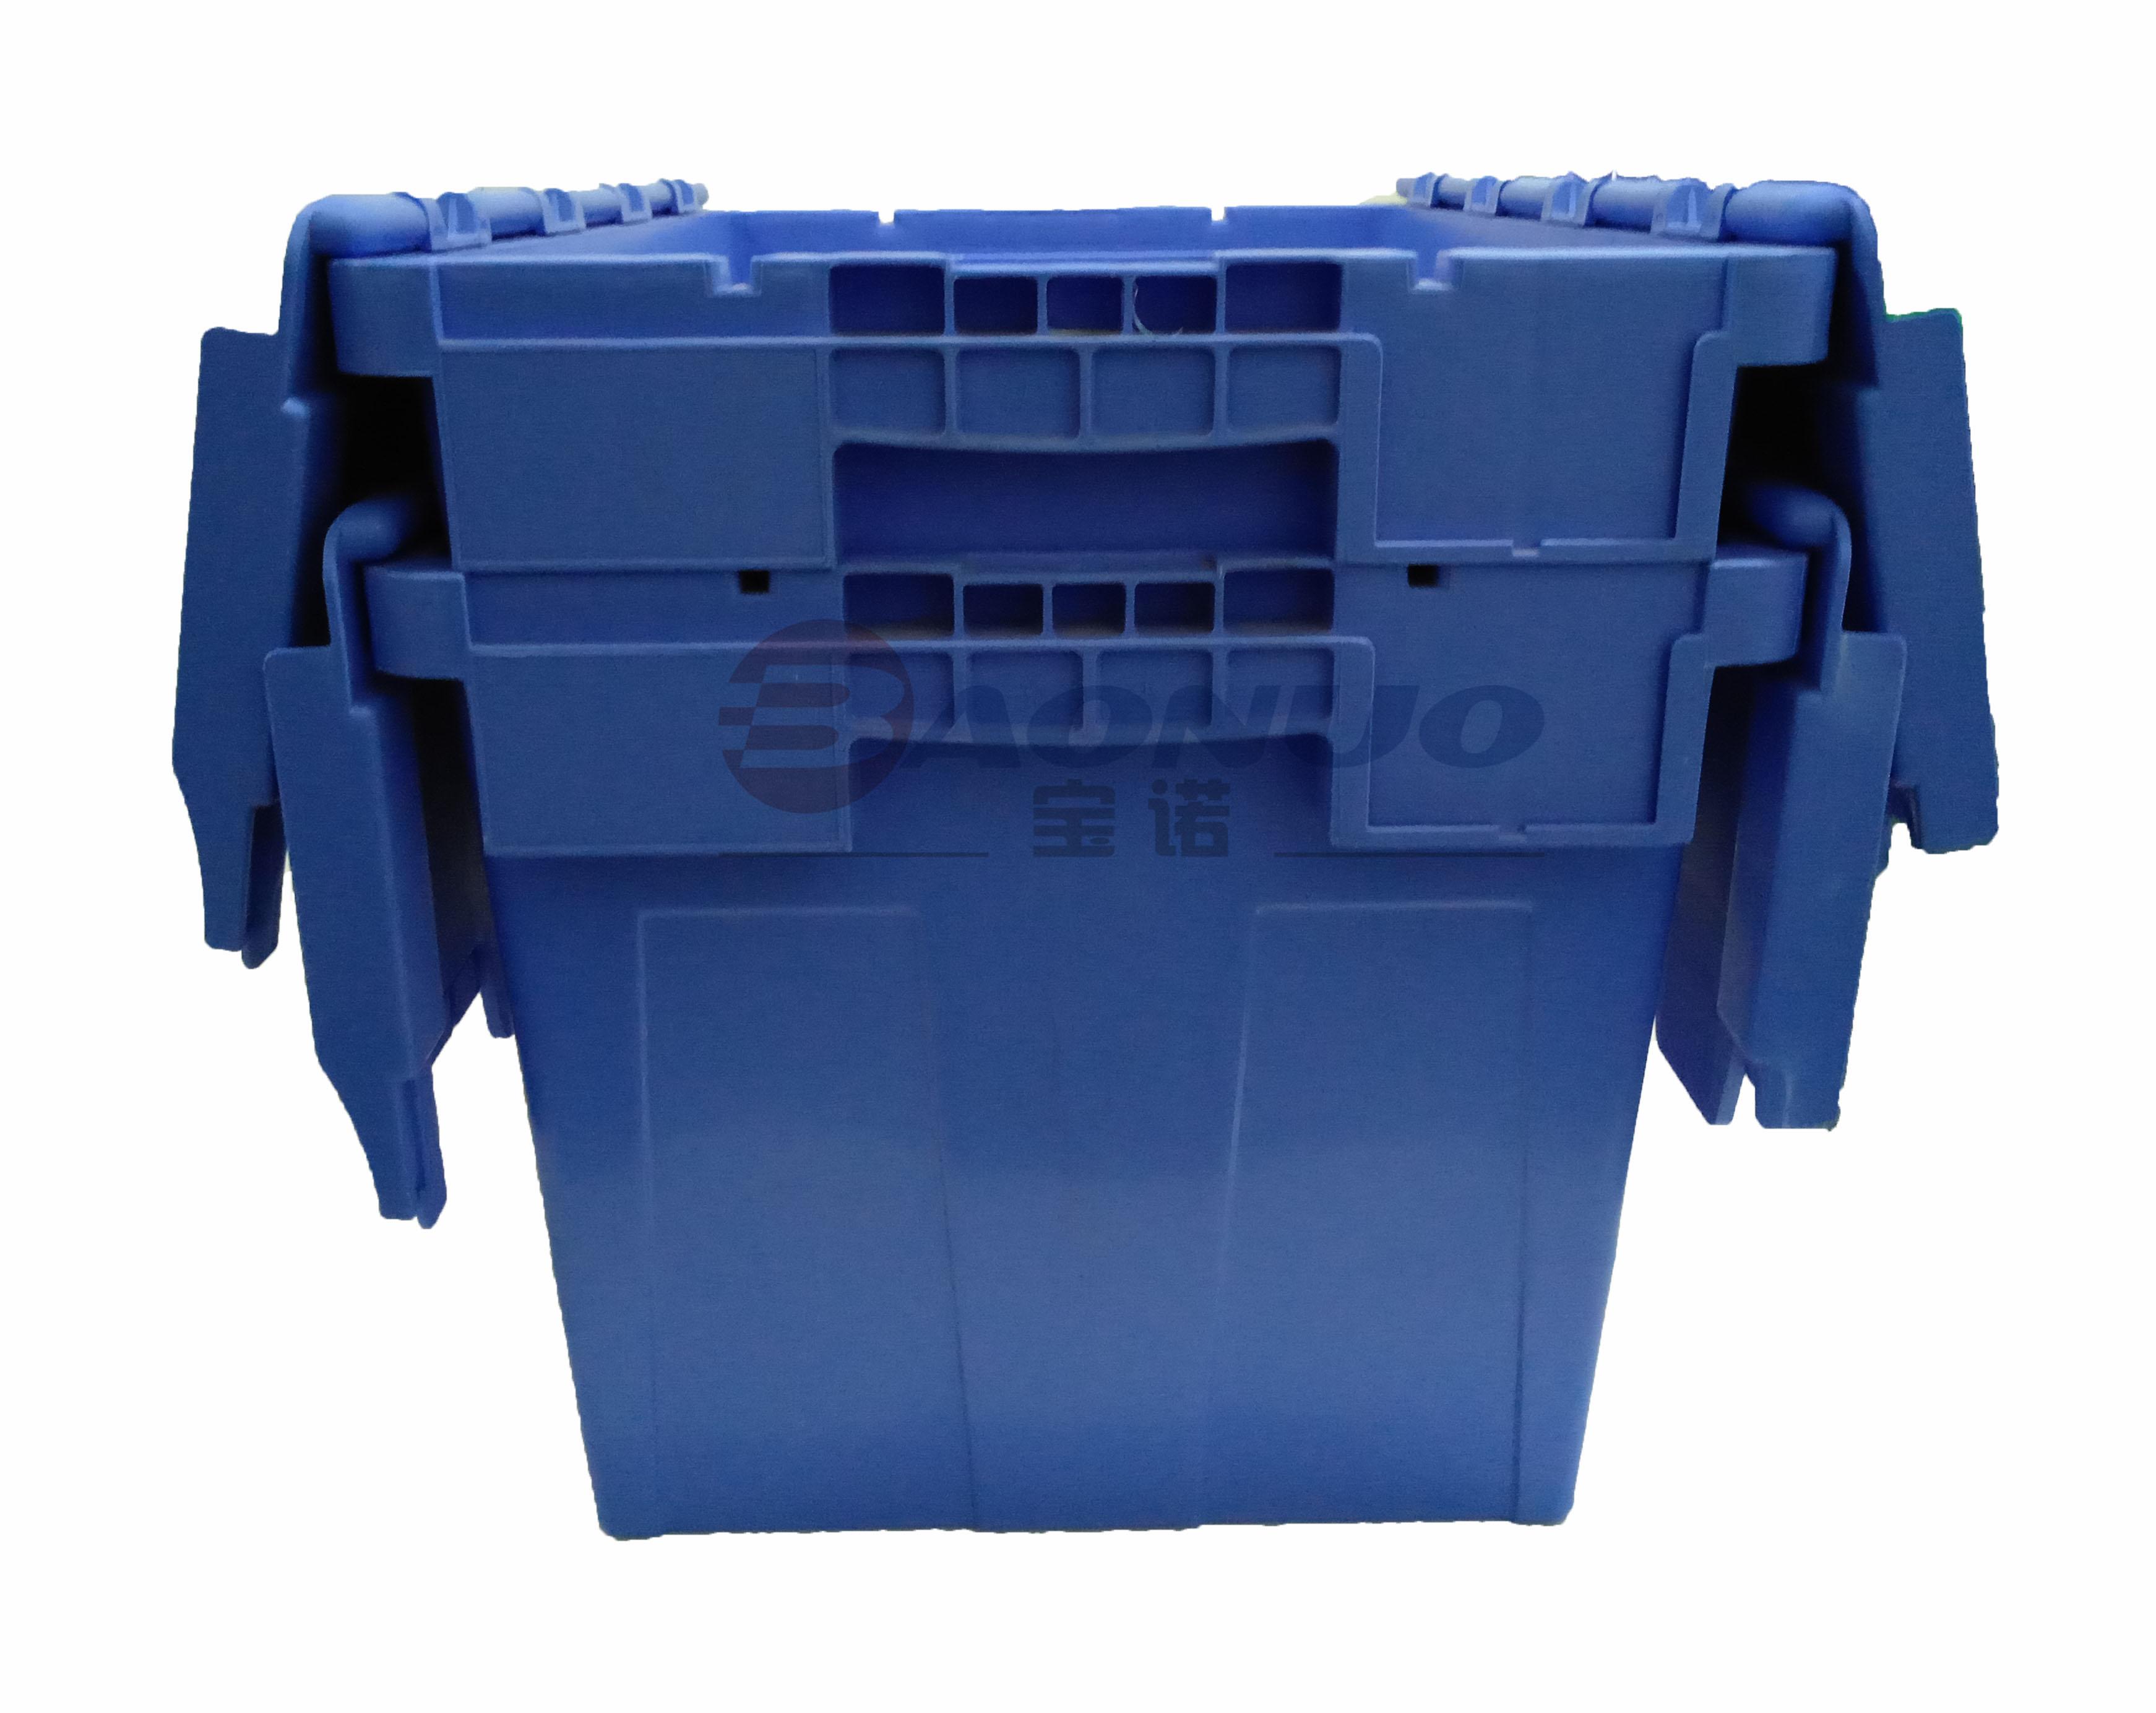 可插式物流箱套叠图